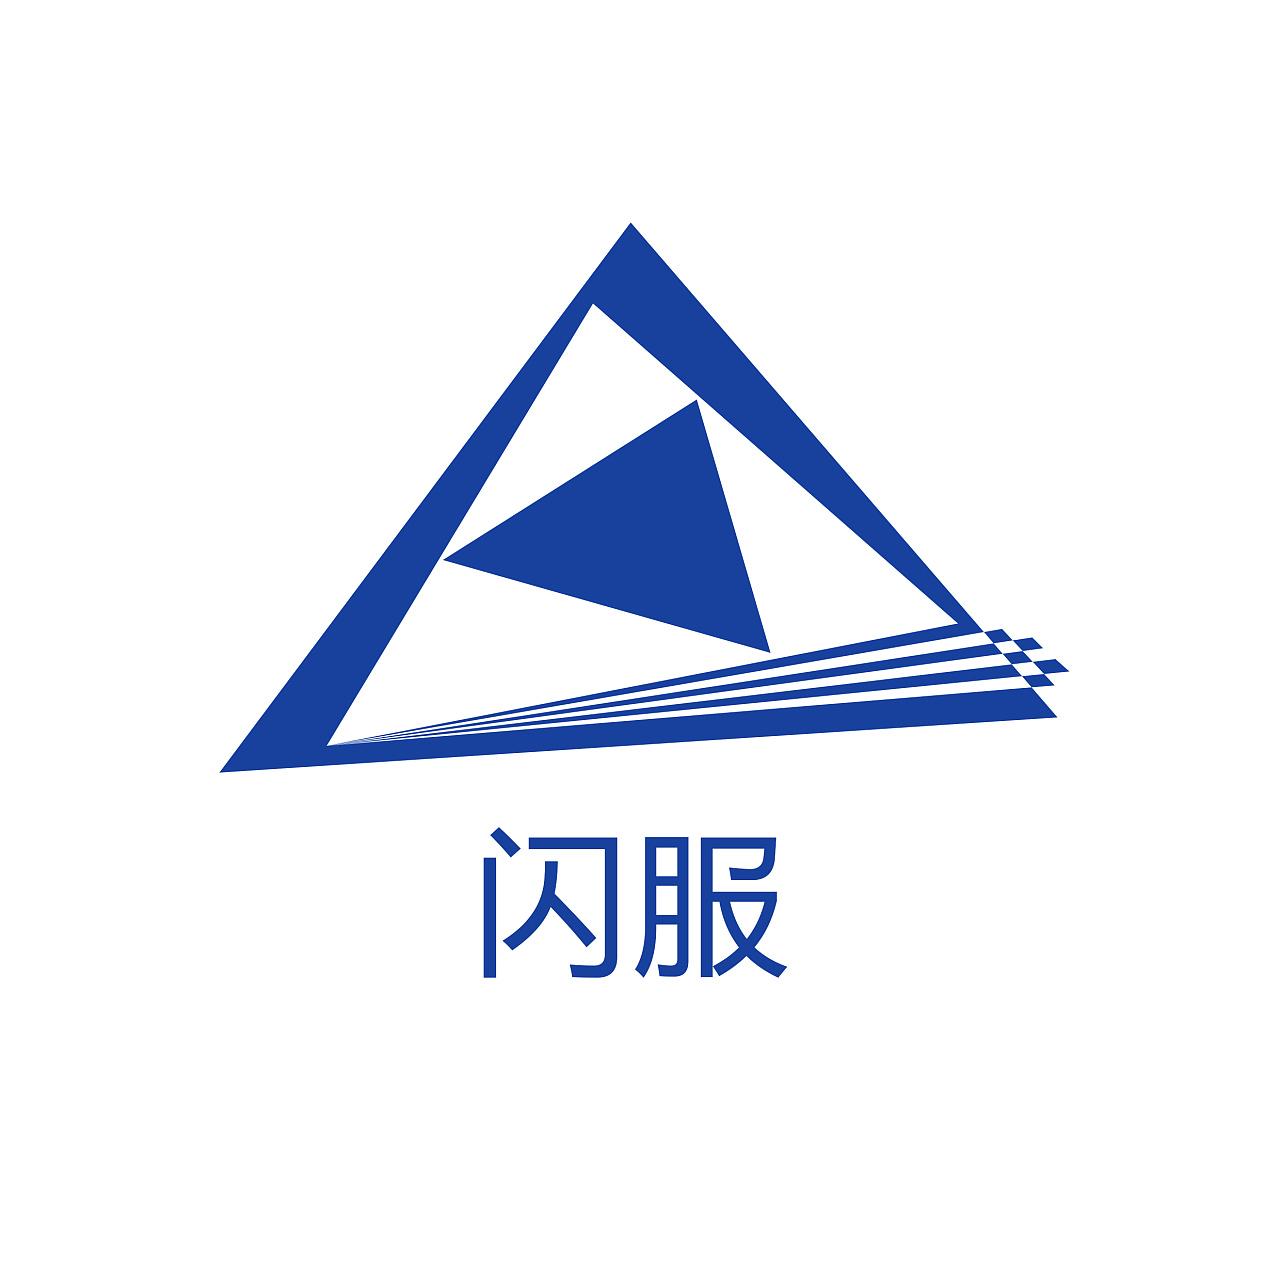 服logo_闪服logo自行创意设计